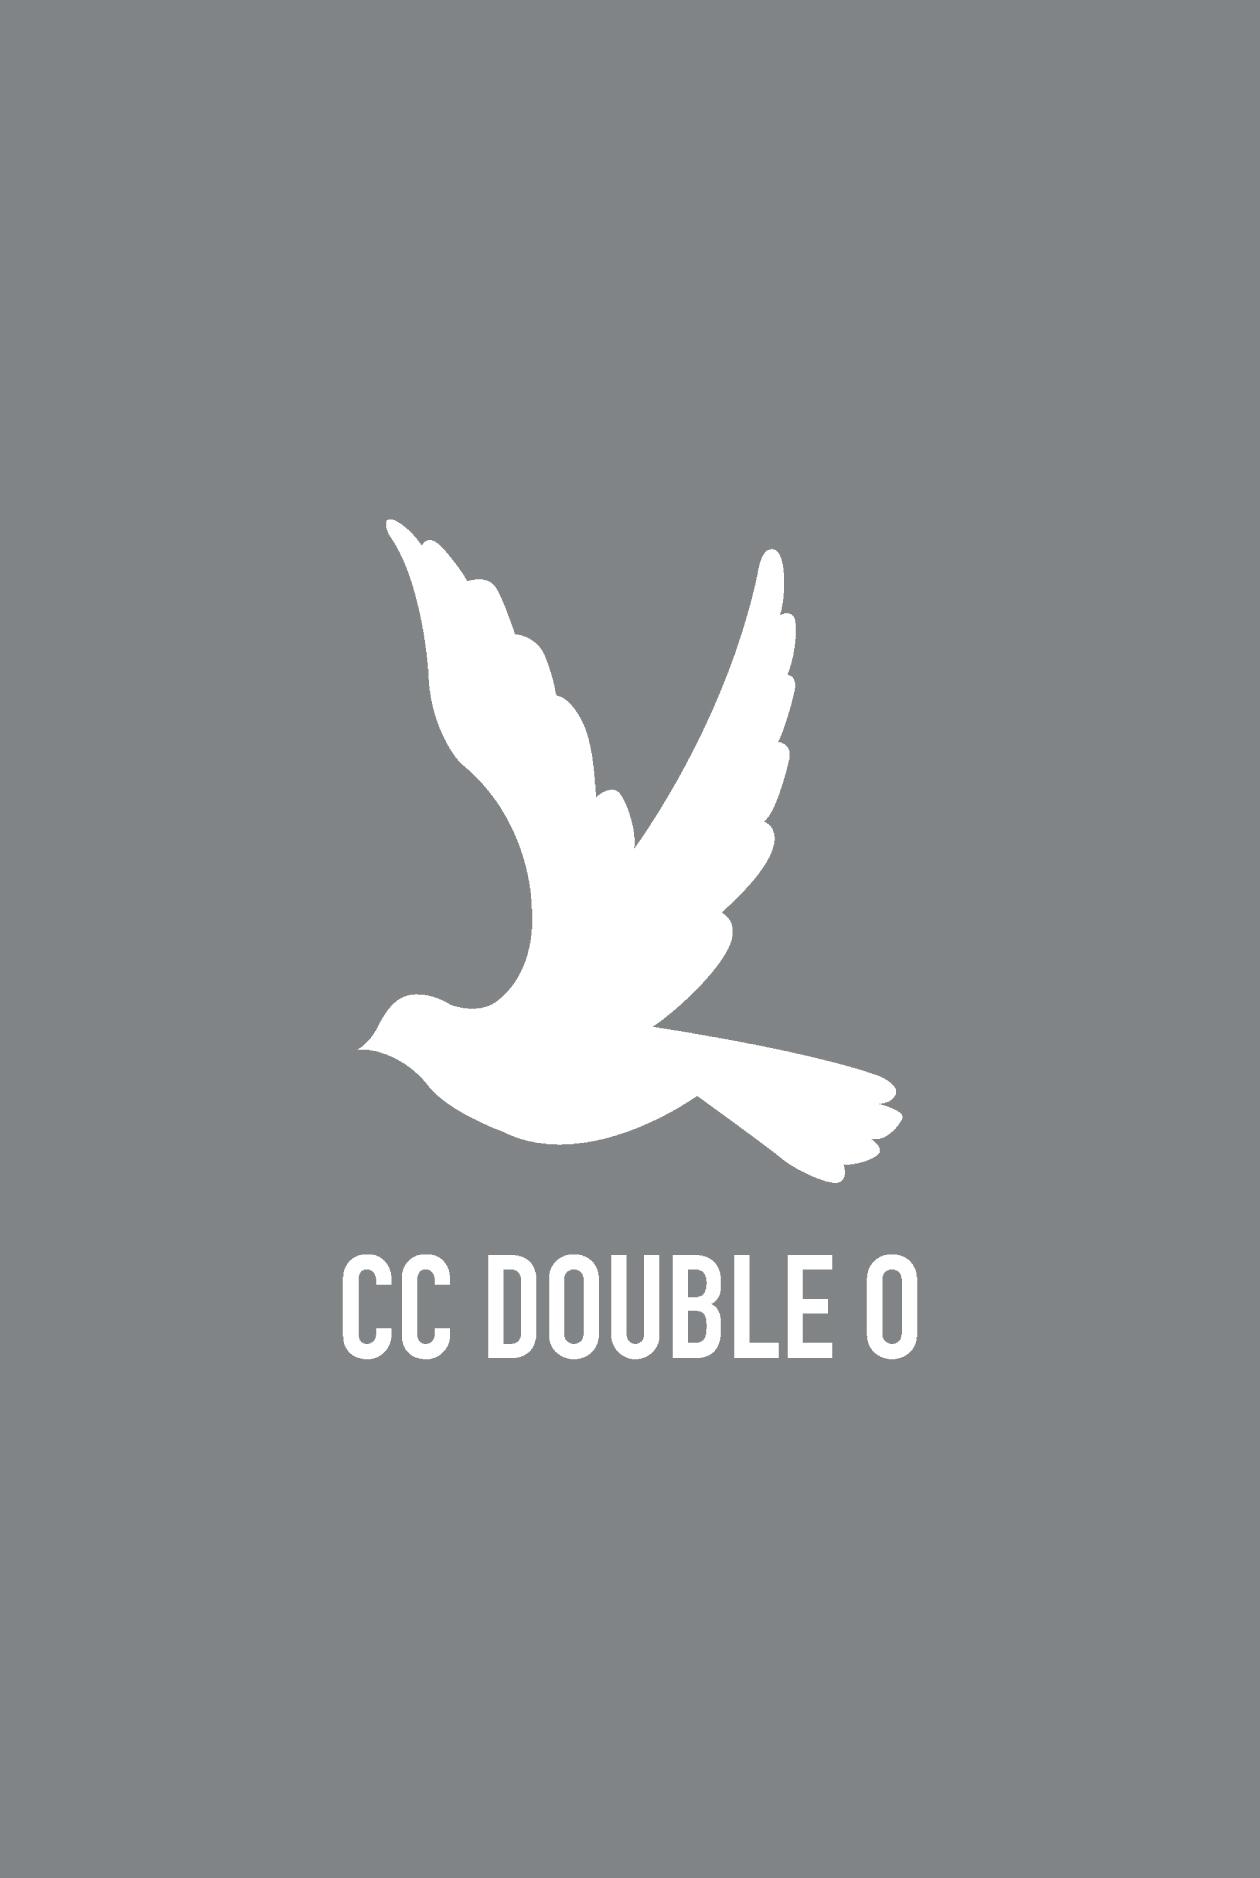 Bird Logo Cap with CC DOUBLE O Logo Detail